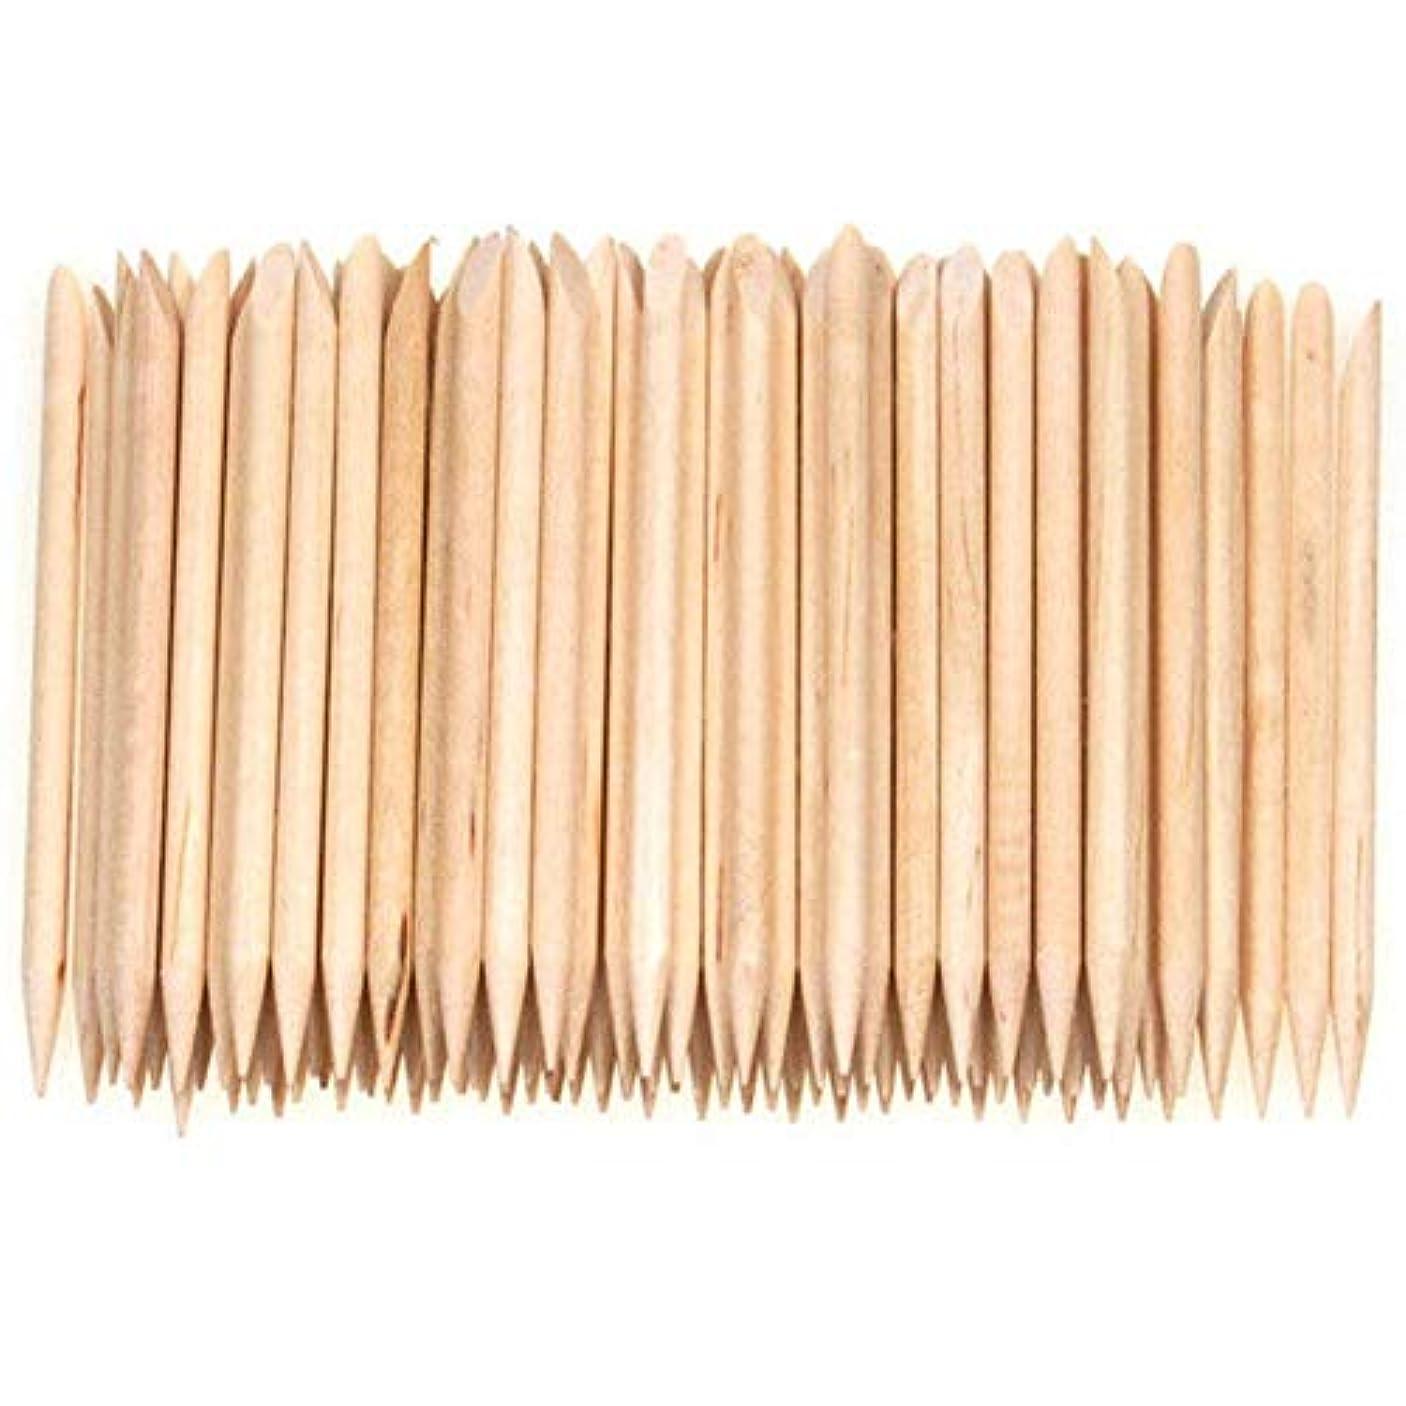 先住民驚いたことにメタンSODIAL 100個ネイルアートデザイン木製の棒キューティクルプッシャーリムーバーマニキュアケア